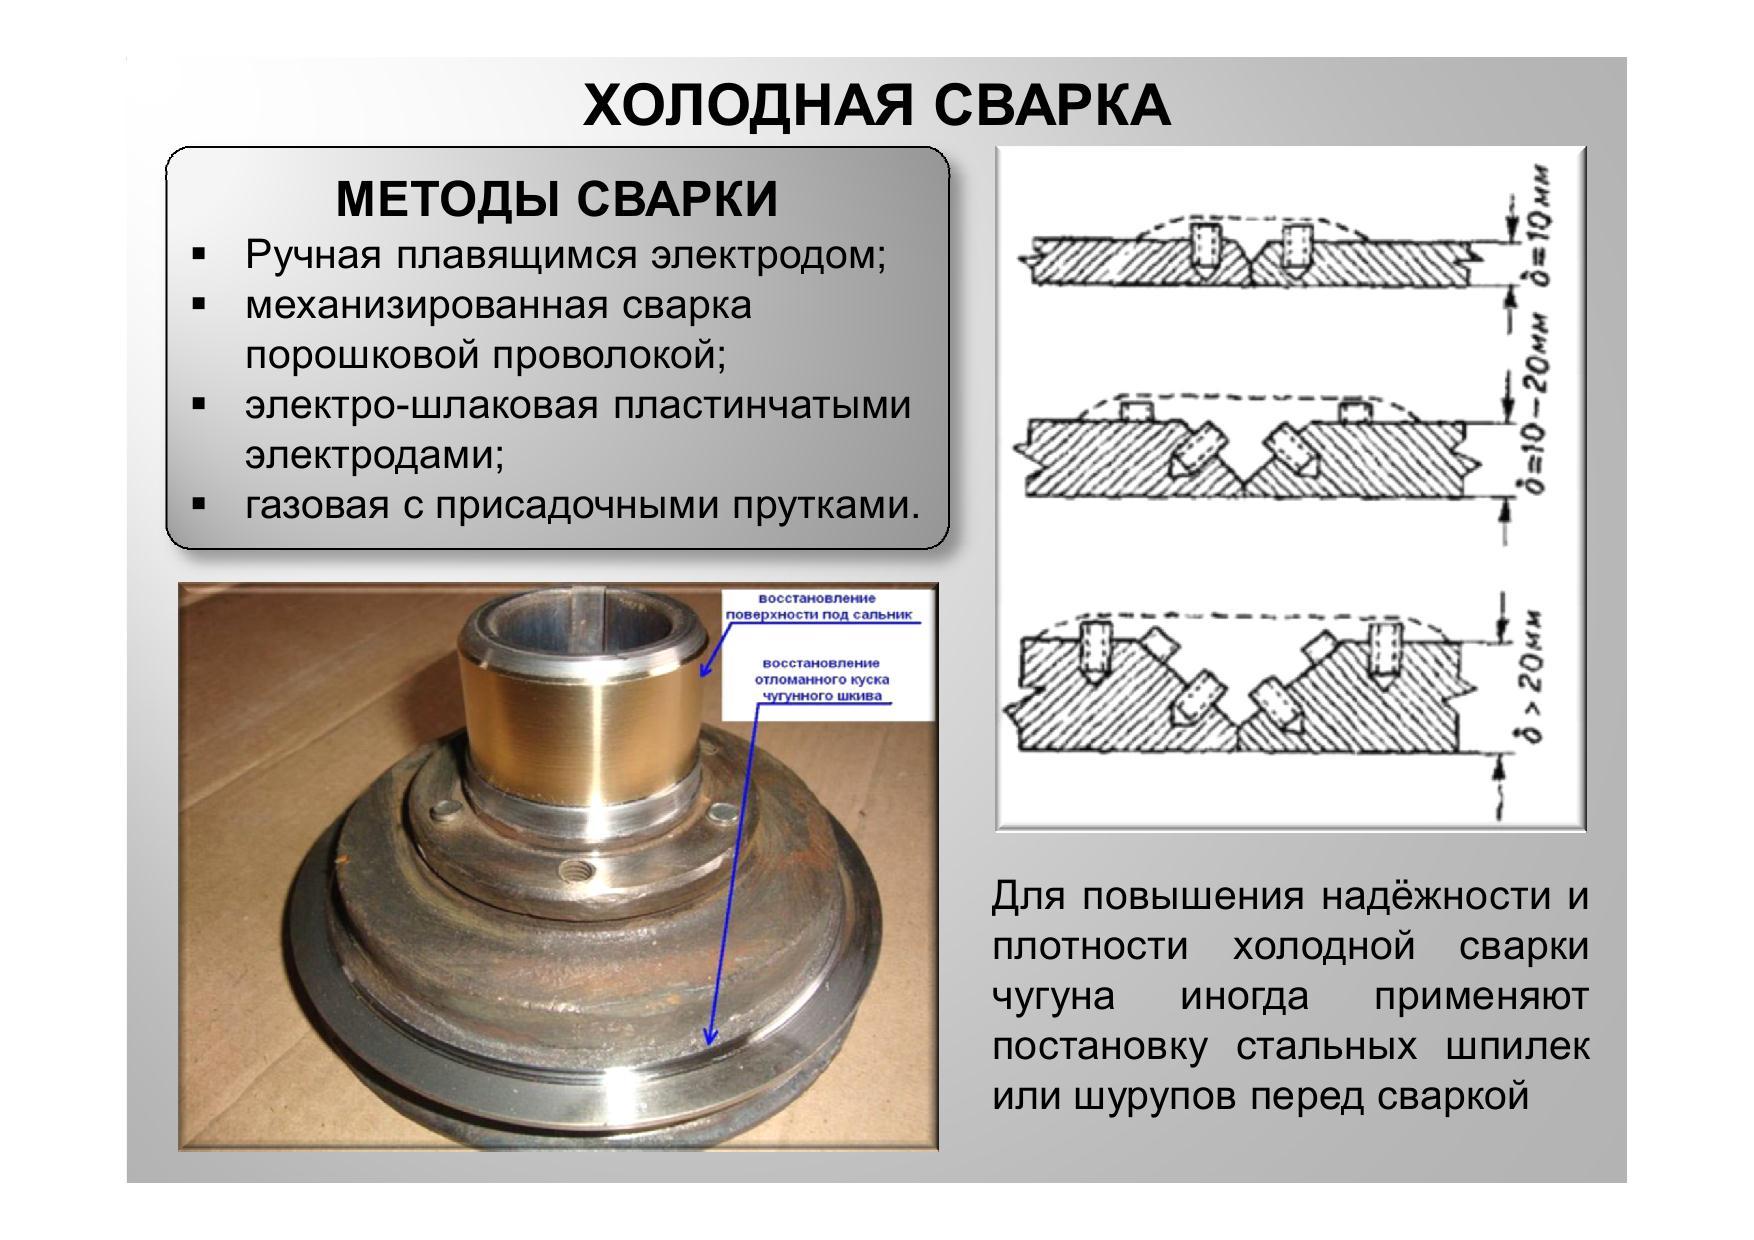 Сварка чугуна инвертором: основные методы 16